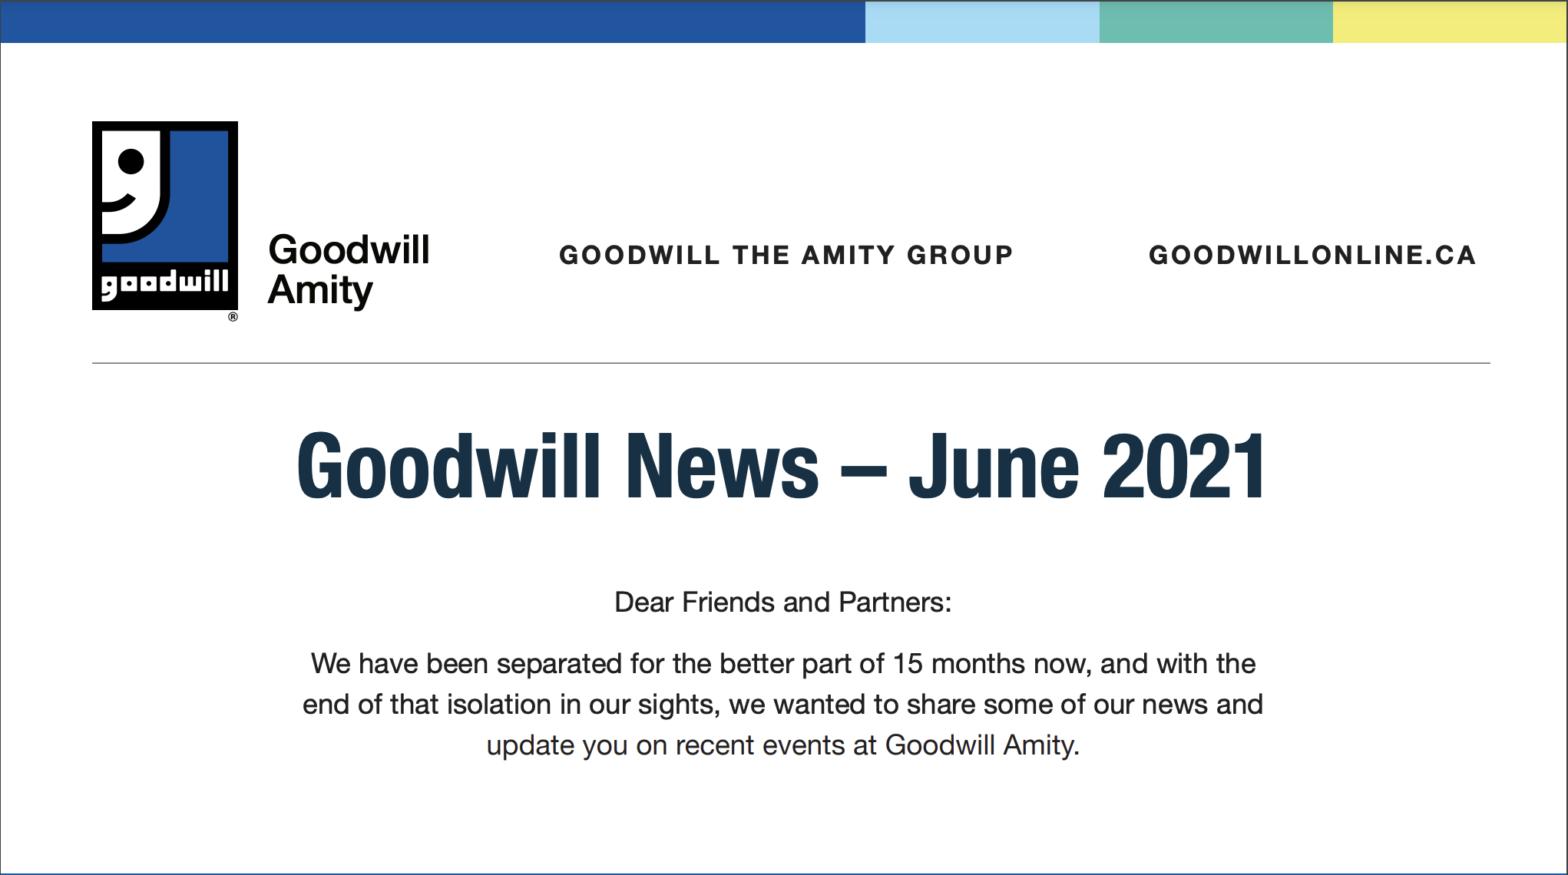 Screenshot of Goodwill Newsletter June 2021